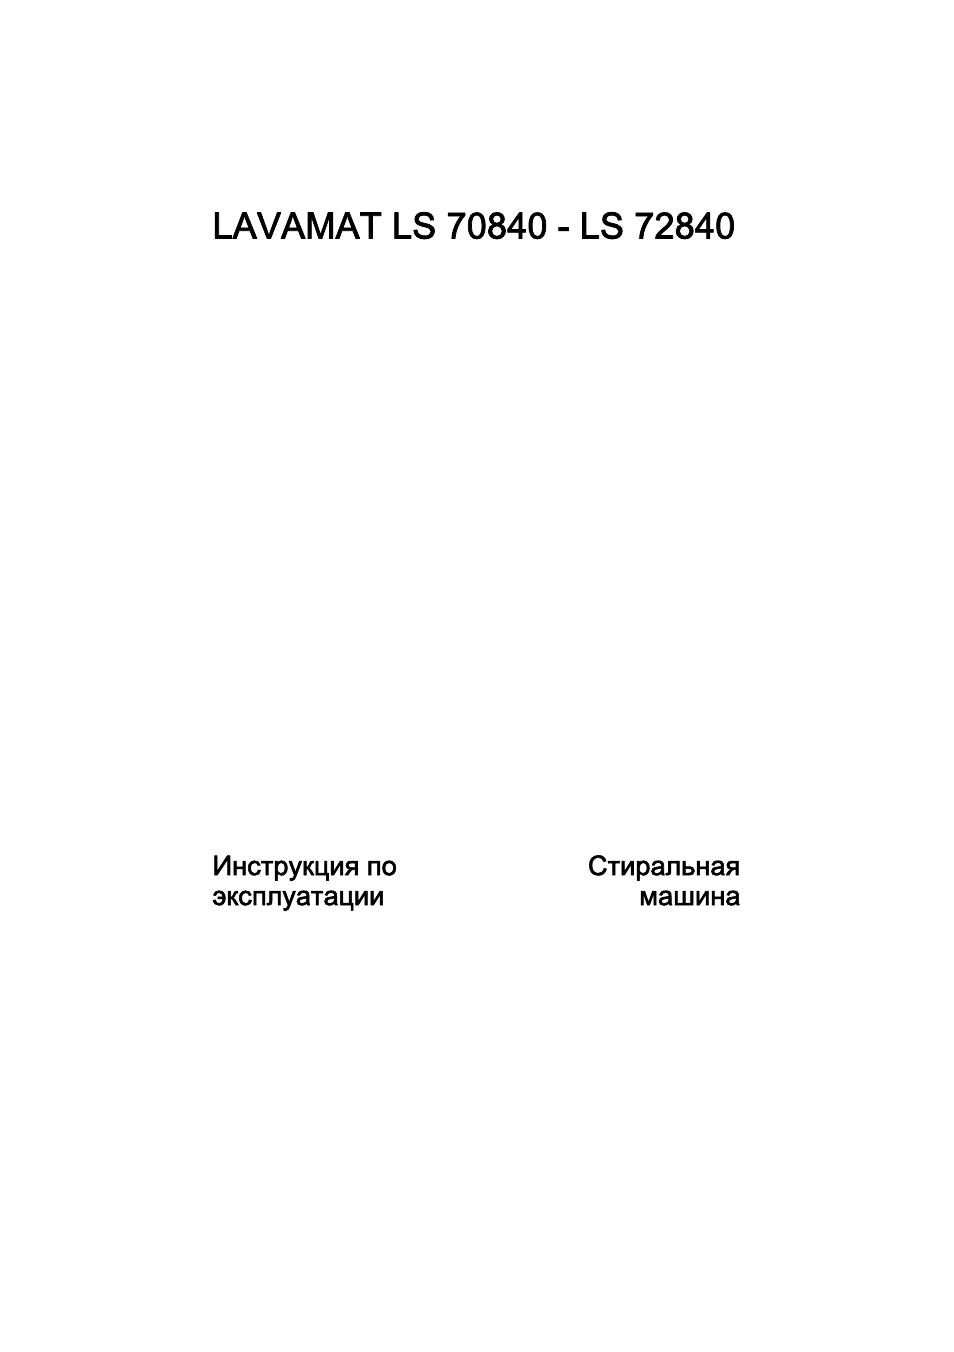 Инструкция по эксплуатации Стиральная машина.